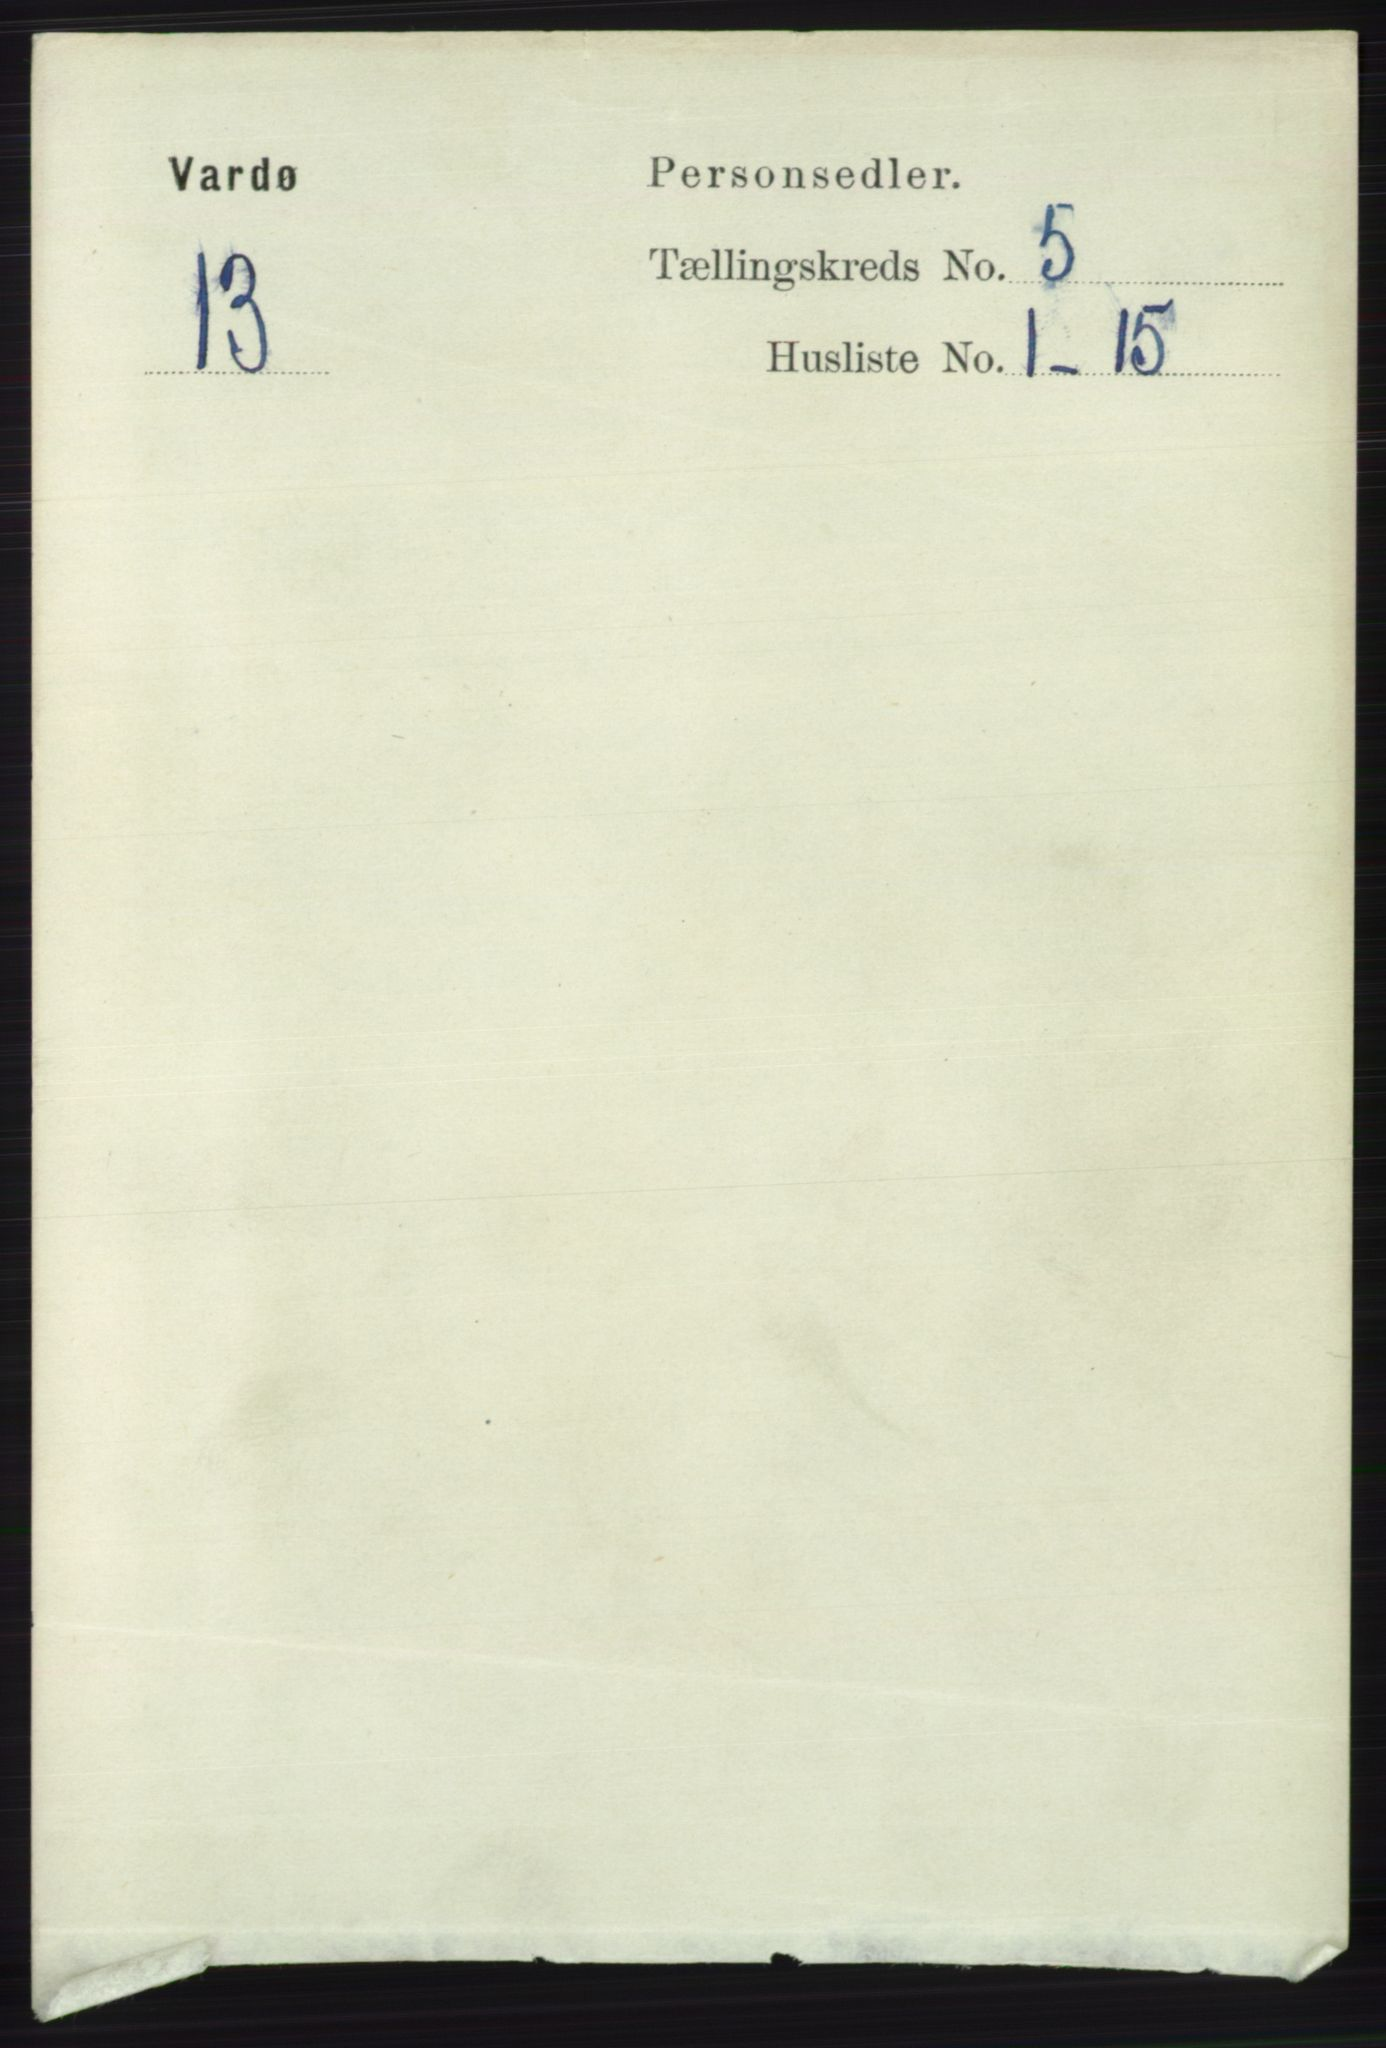 RA, Folketelling 1891 for 2002 Vardø kjøpstad, 1891, s. 2326